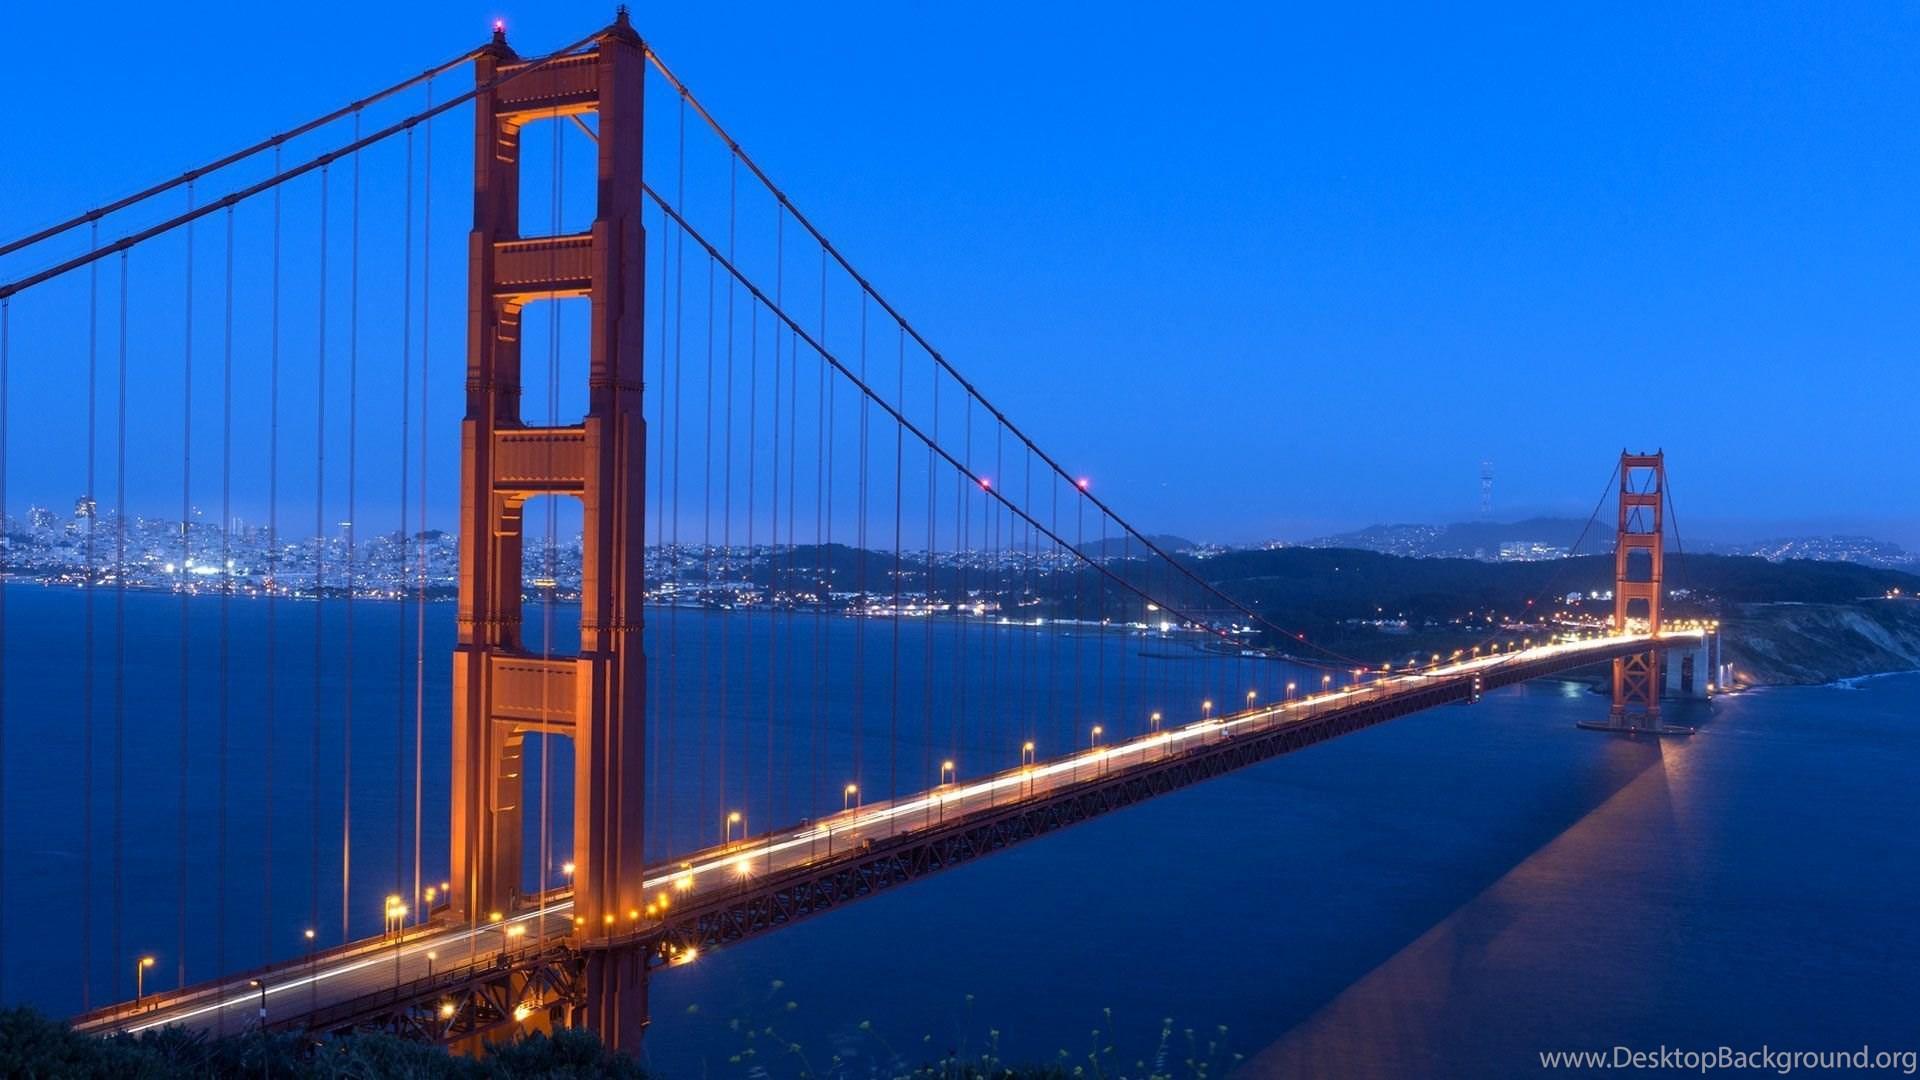 Golden Gate Bridge Night Wallpapers Hd 1080p For Desktop Desktop